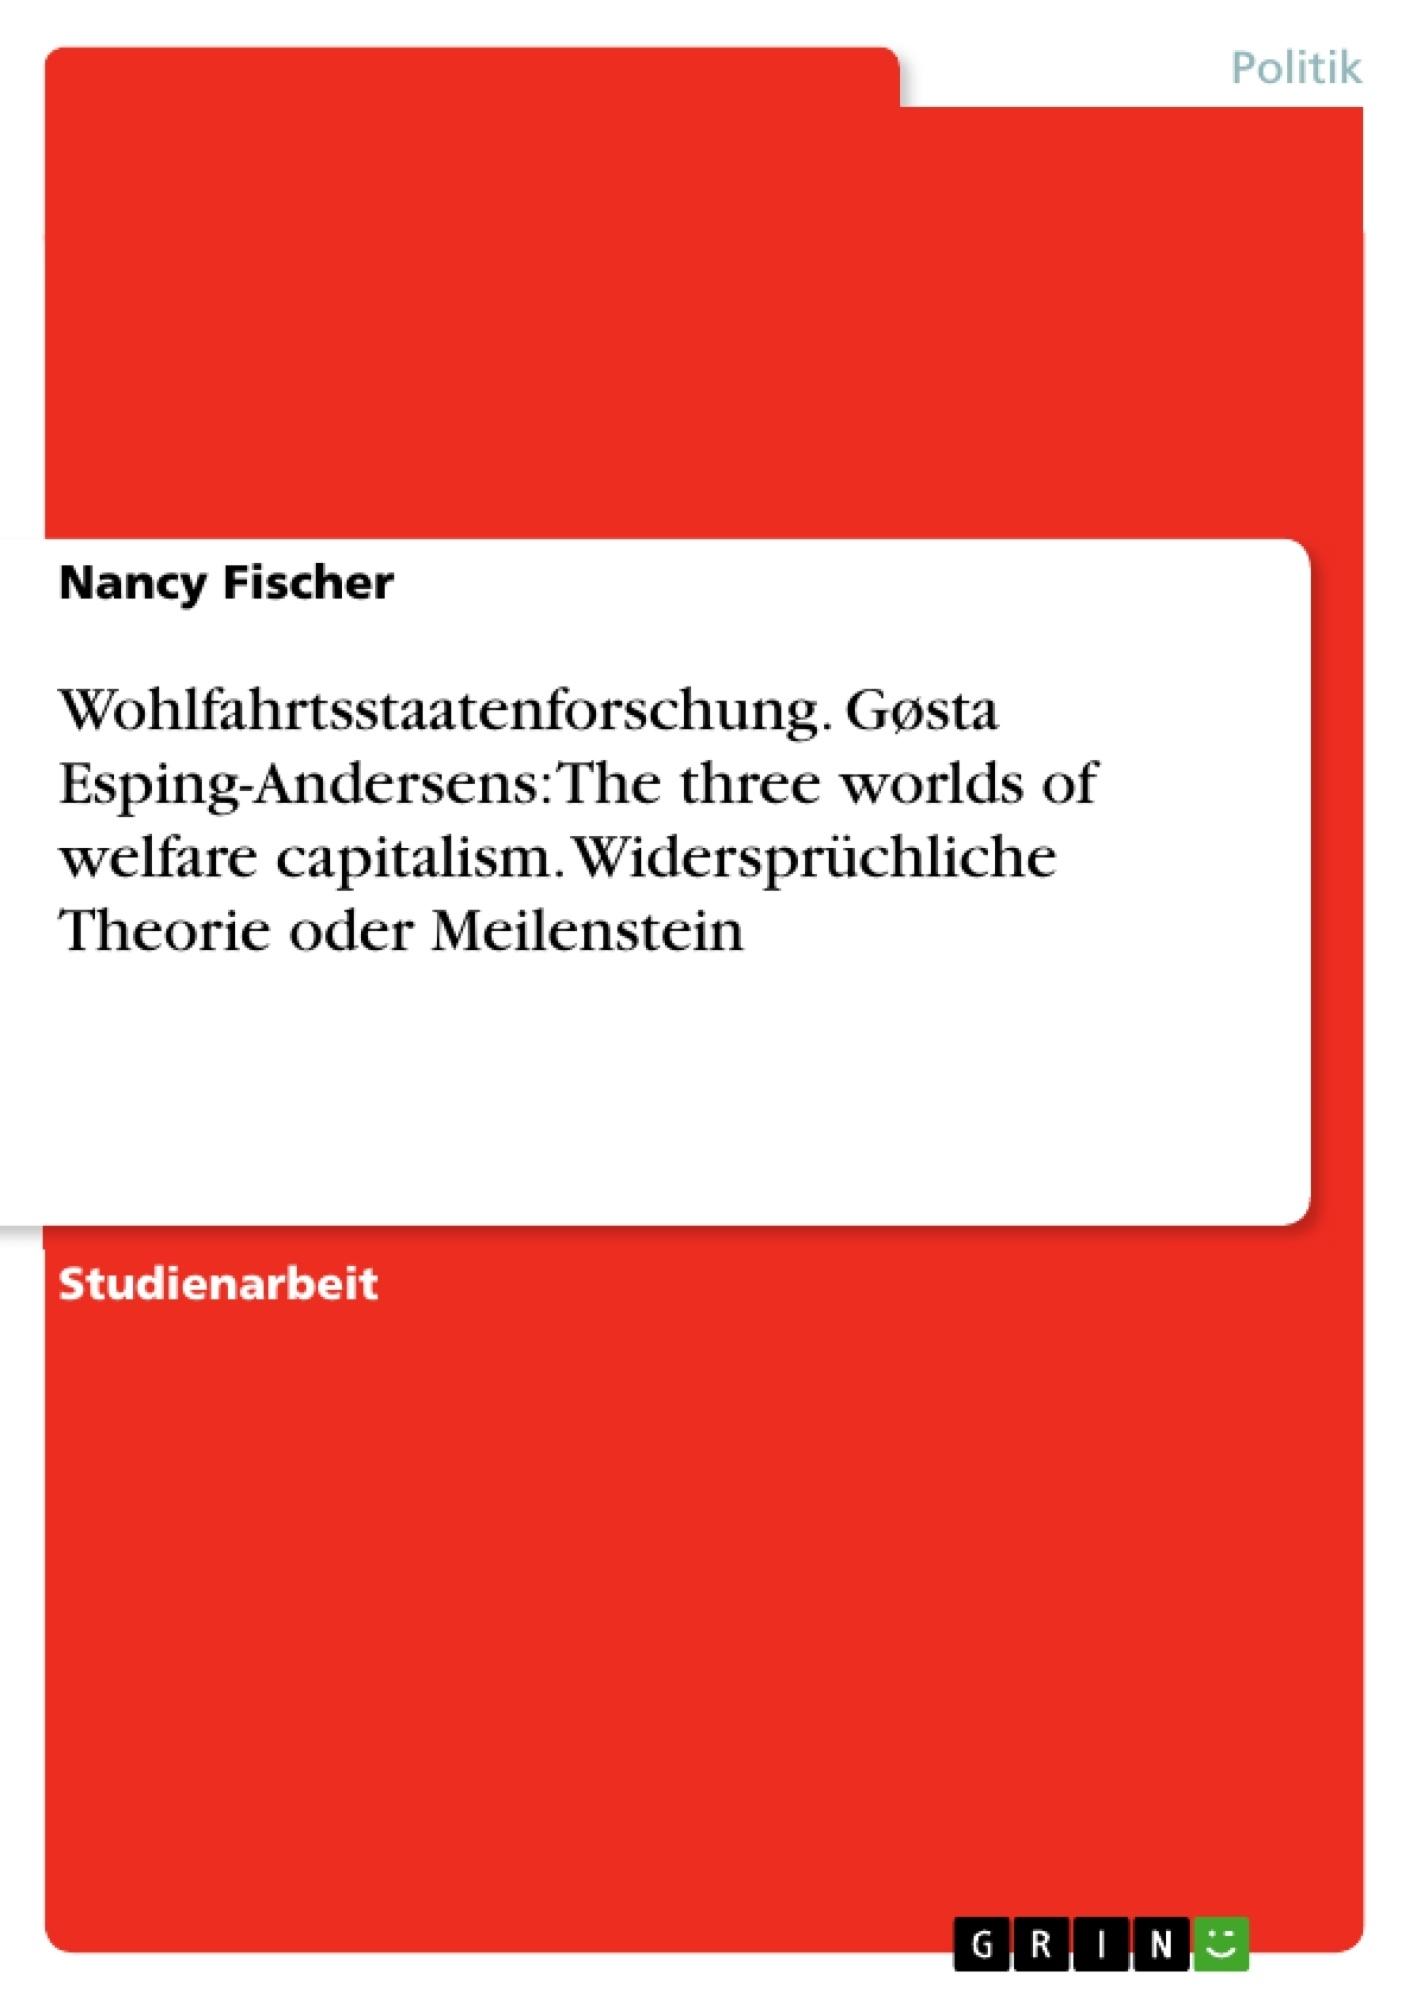 Titel: Wohlfahrtsstaatenforschung. Gøsta Esping-Andersens: The three worlds of welfare capitalism. Widersprüchliche Theorie oder Meilenstein